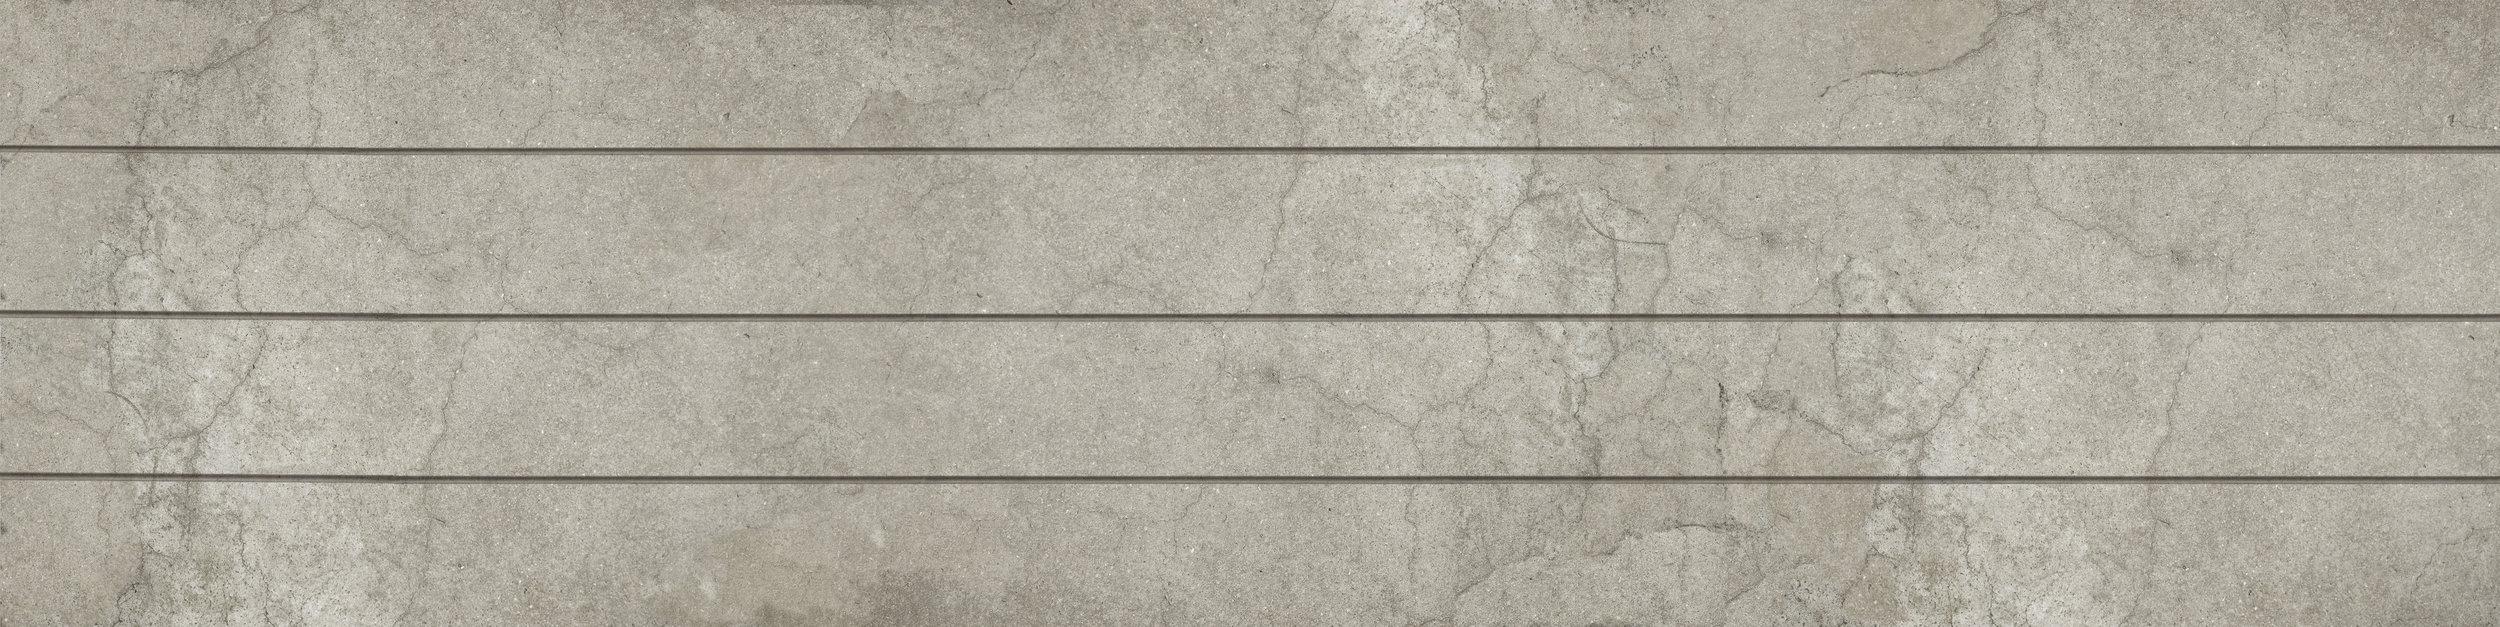 Cracked concrete full panel.jpg